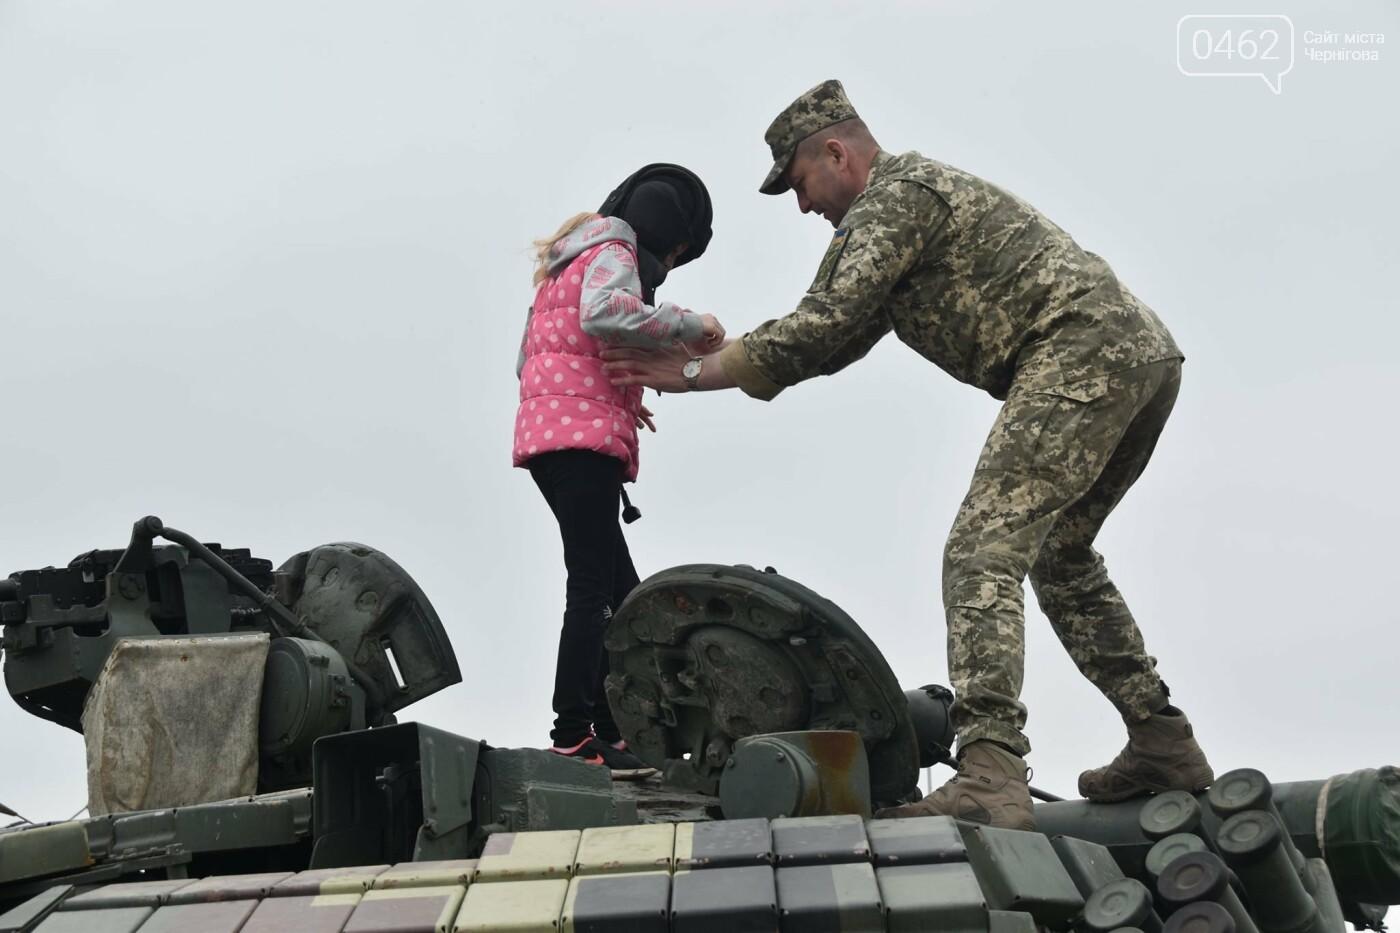 Як стати танкістом. Чернігівським дітям військові показали свою роботу і побут, фото-5